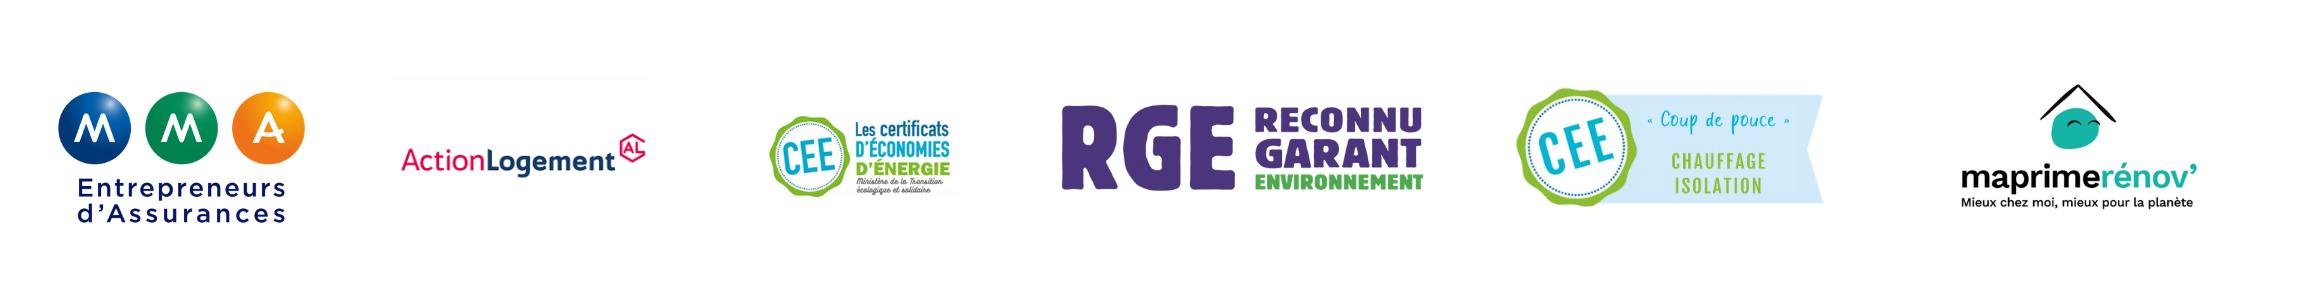 logo+rge+myprimerenov+action logement+cee+mma